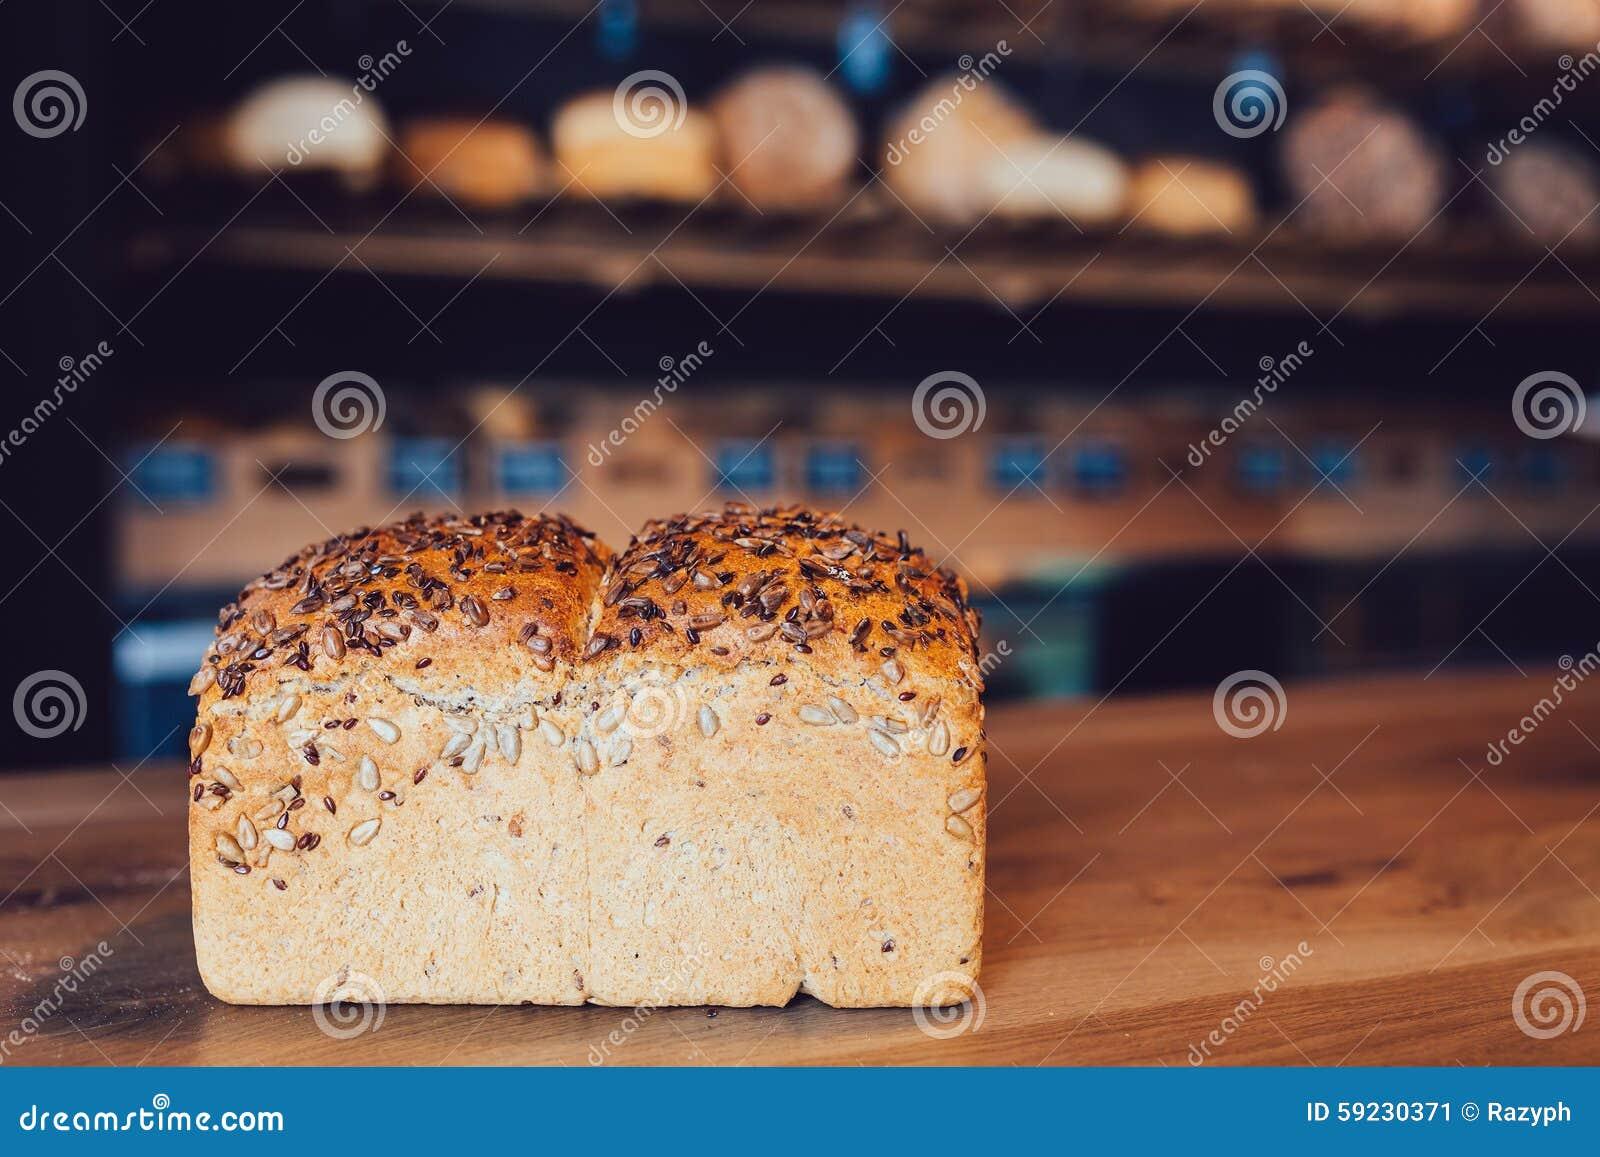 Download Pan de las semillas imagen de archivo. Imagen de delicioso - 59230371